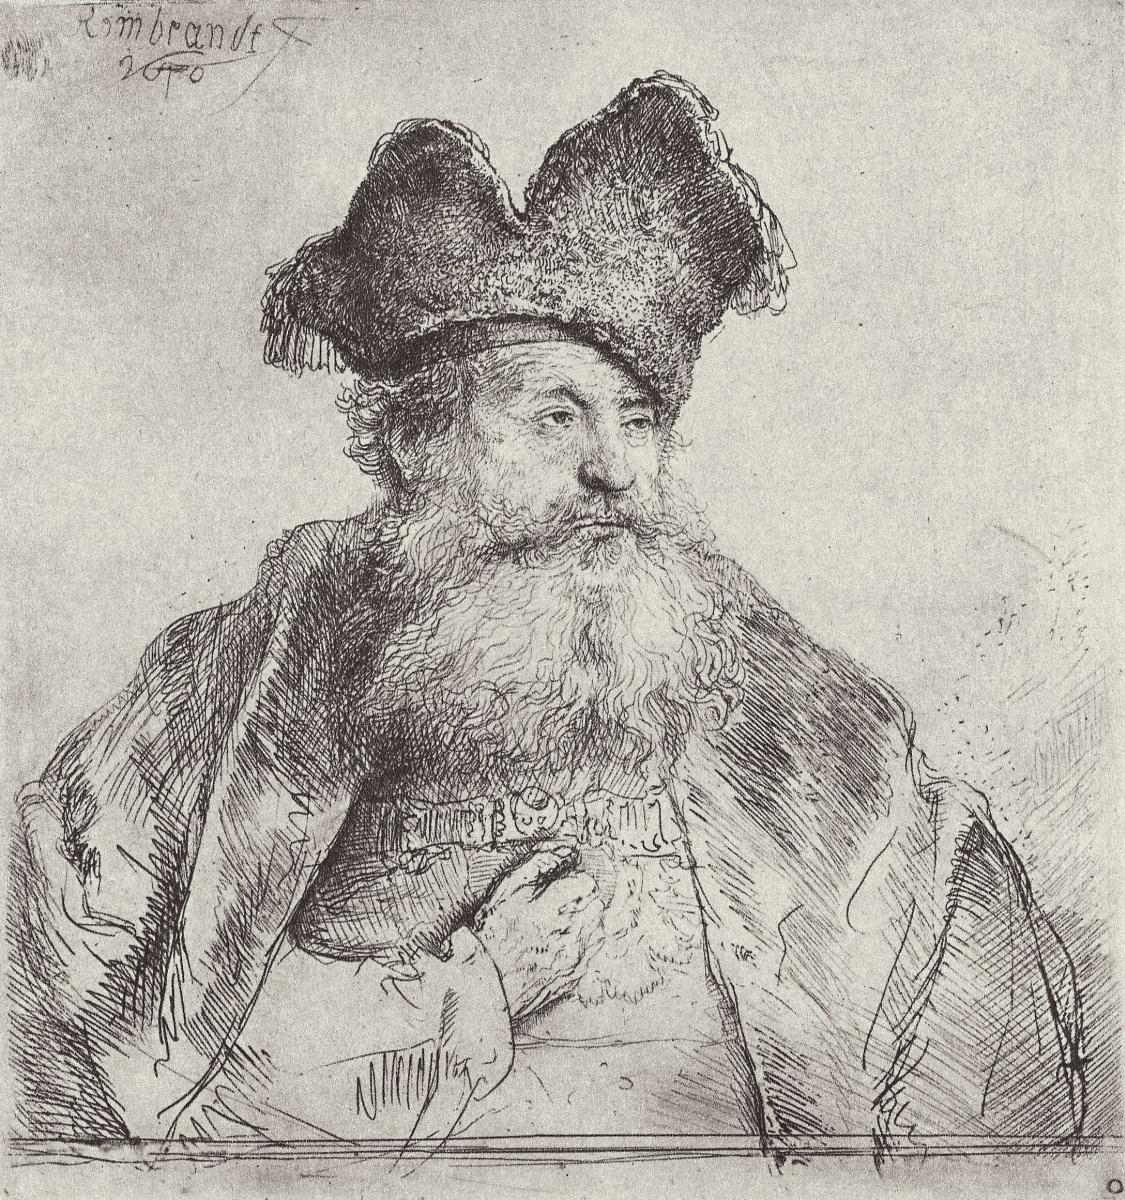 Рембрандт Харменс ван Рейн. Портрет старика в раздвоенной папахе